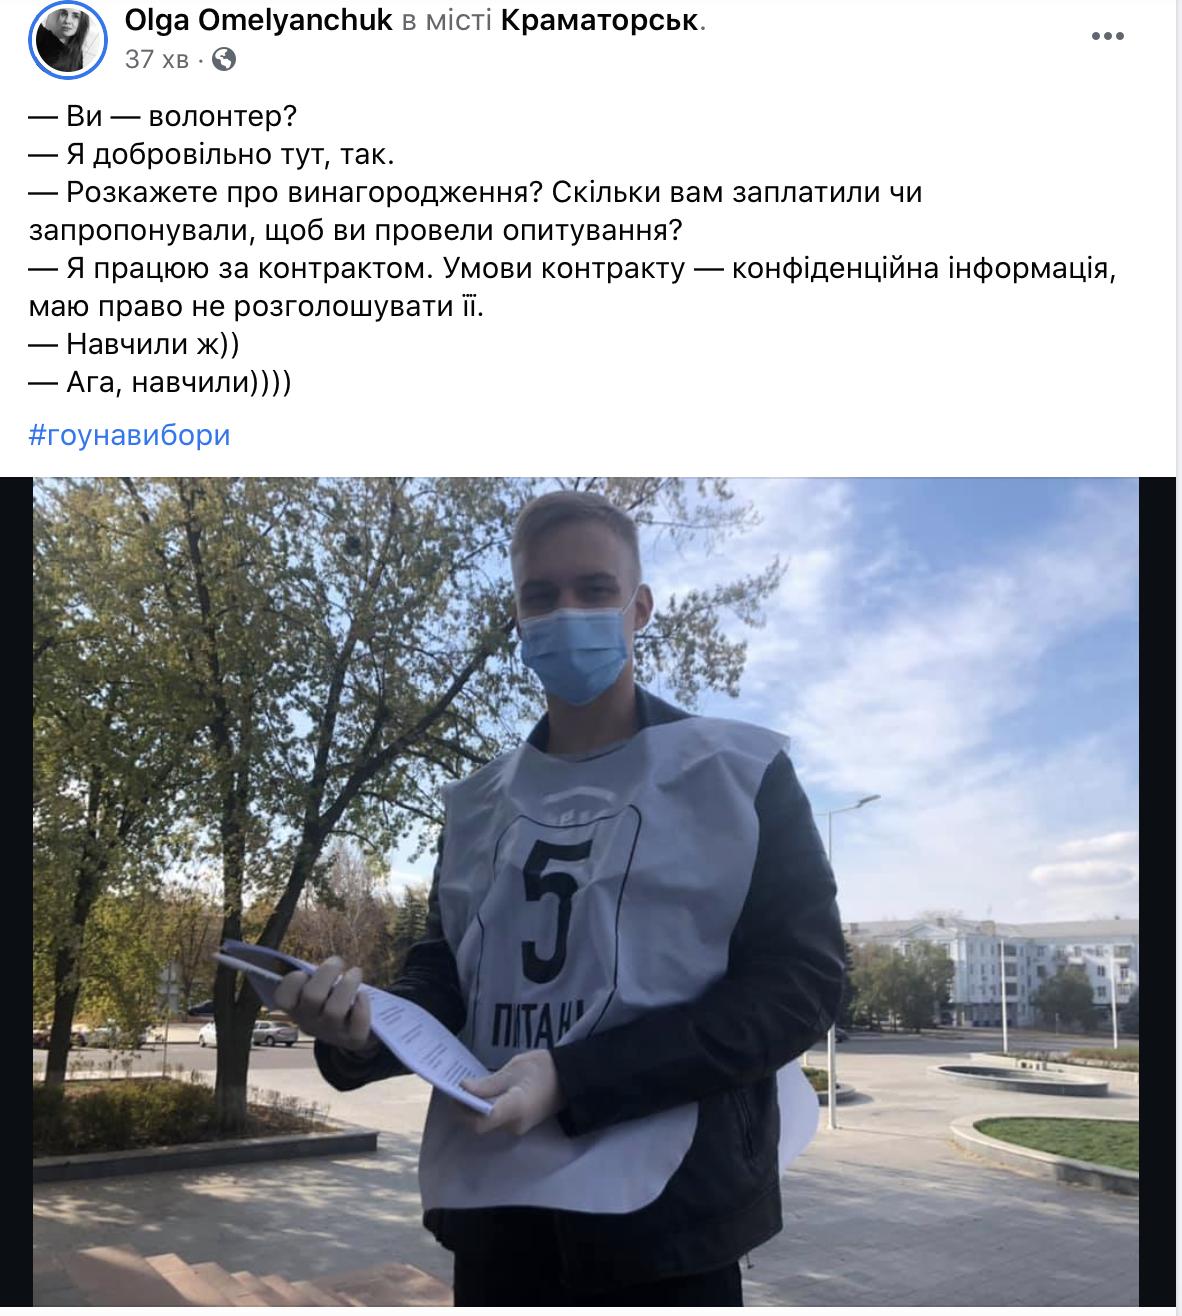 Волонтер в Краматорске отказался сказать, сколько ему заплатят